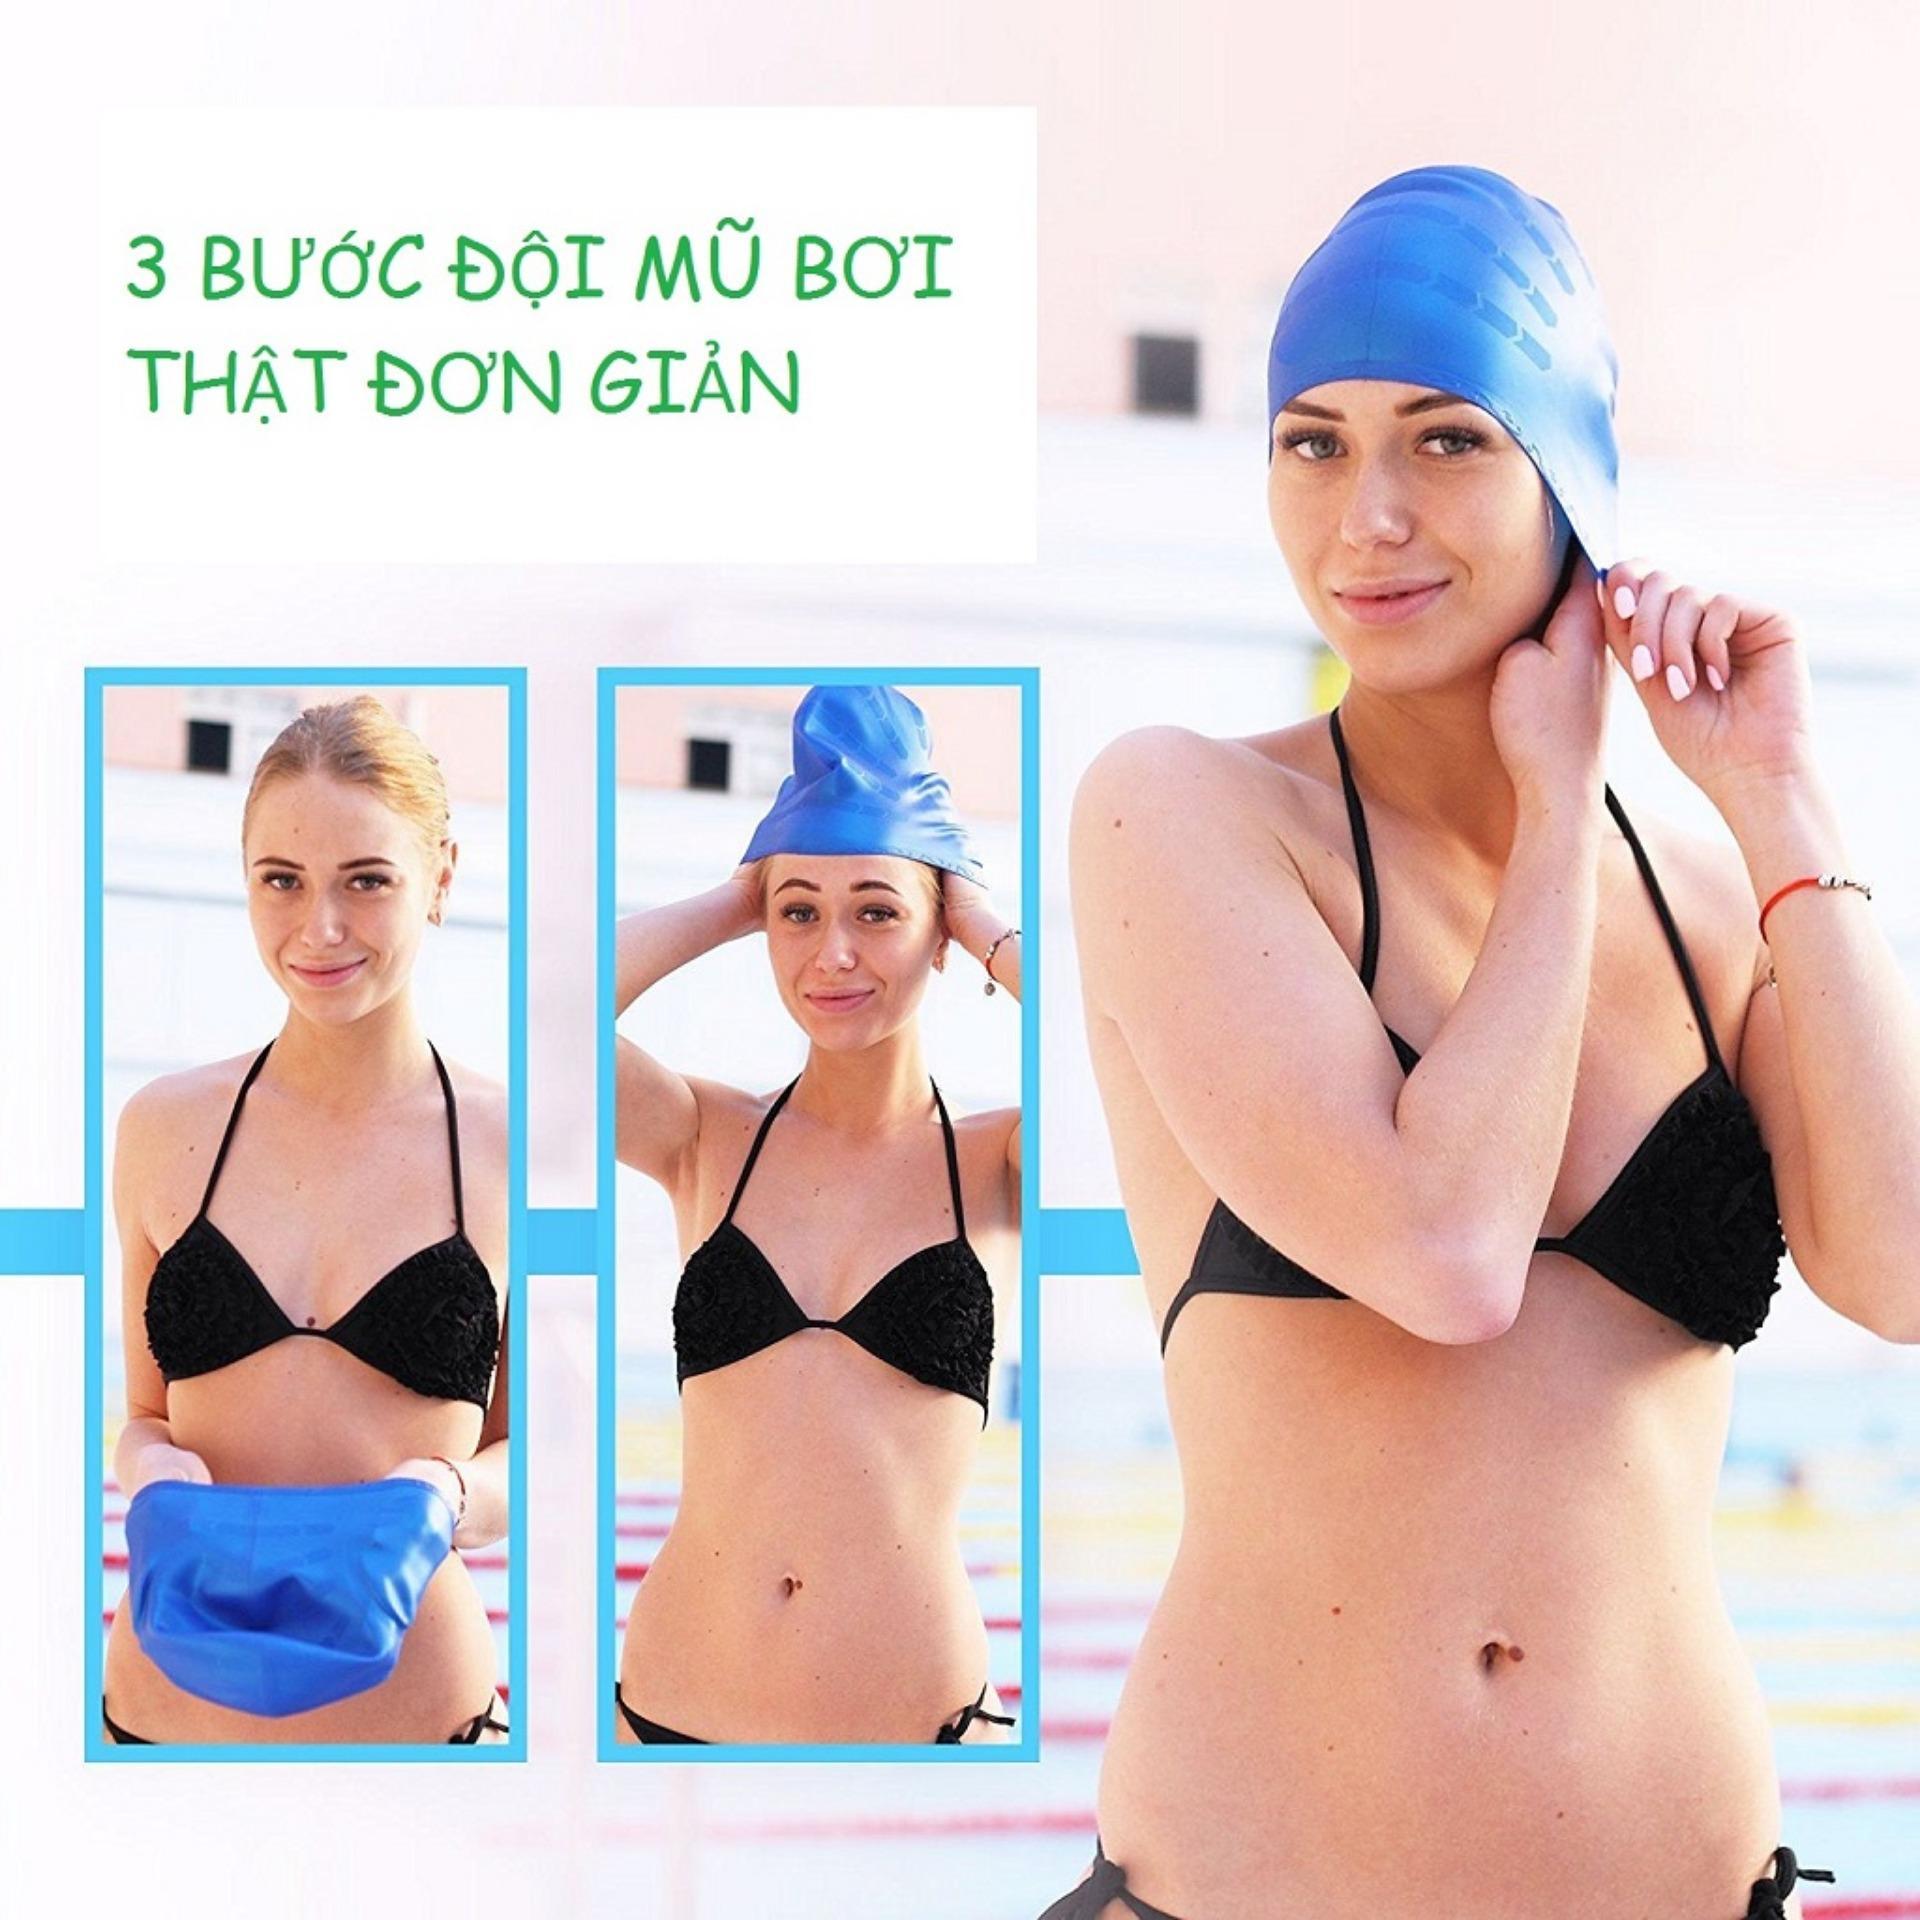 Nón bơi mũ bơi trơn silicone chống thống nước cao cấp CA31 POPO Collection 11